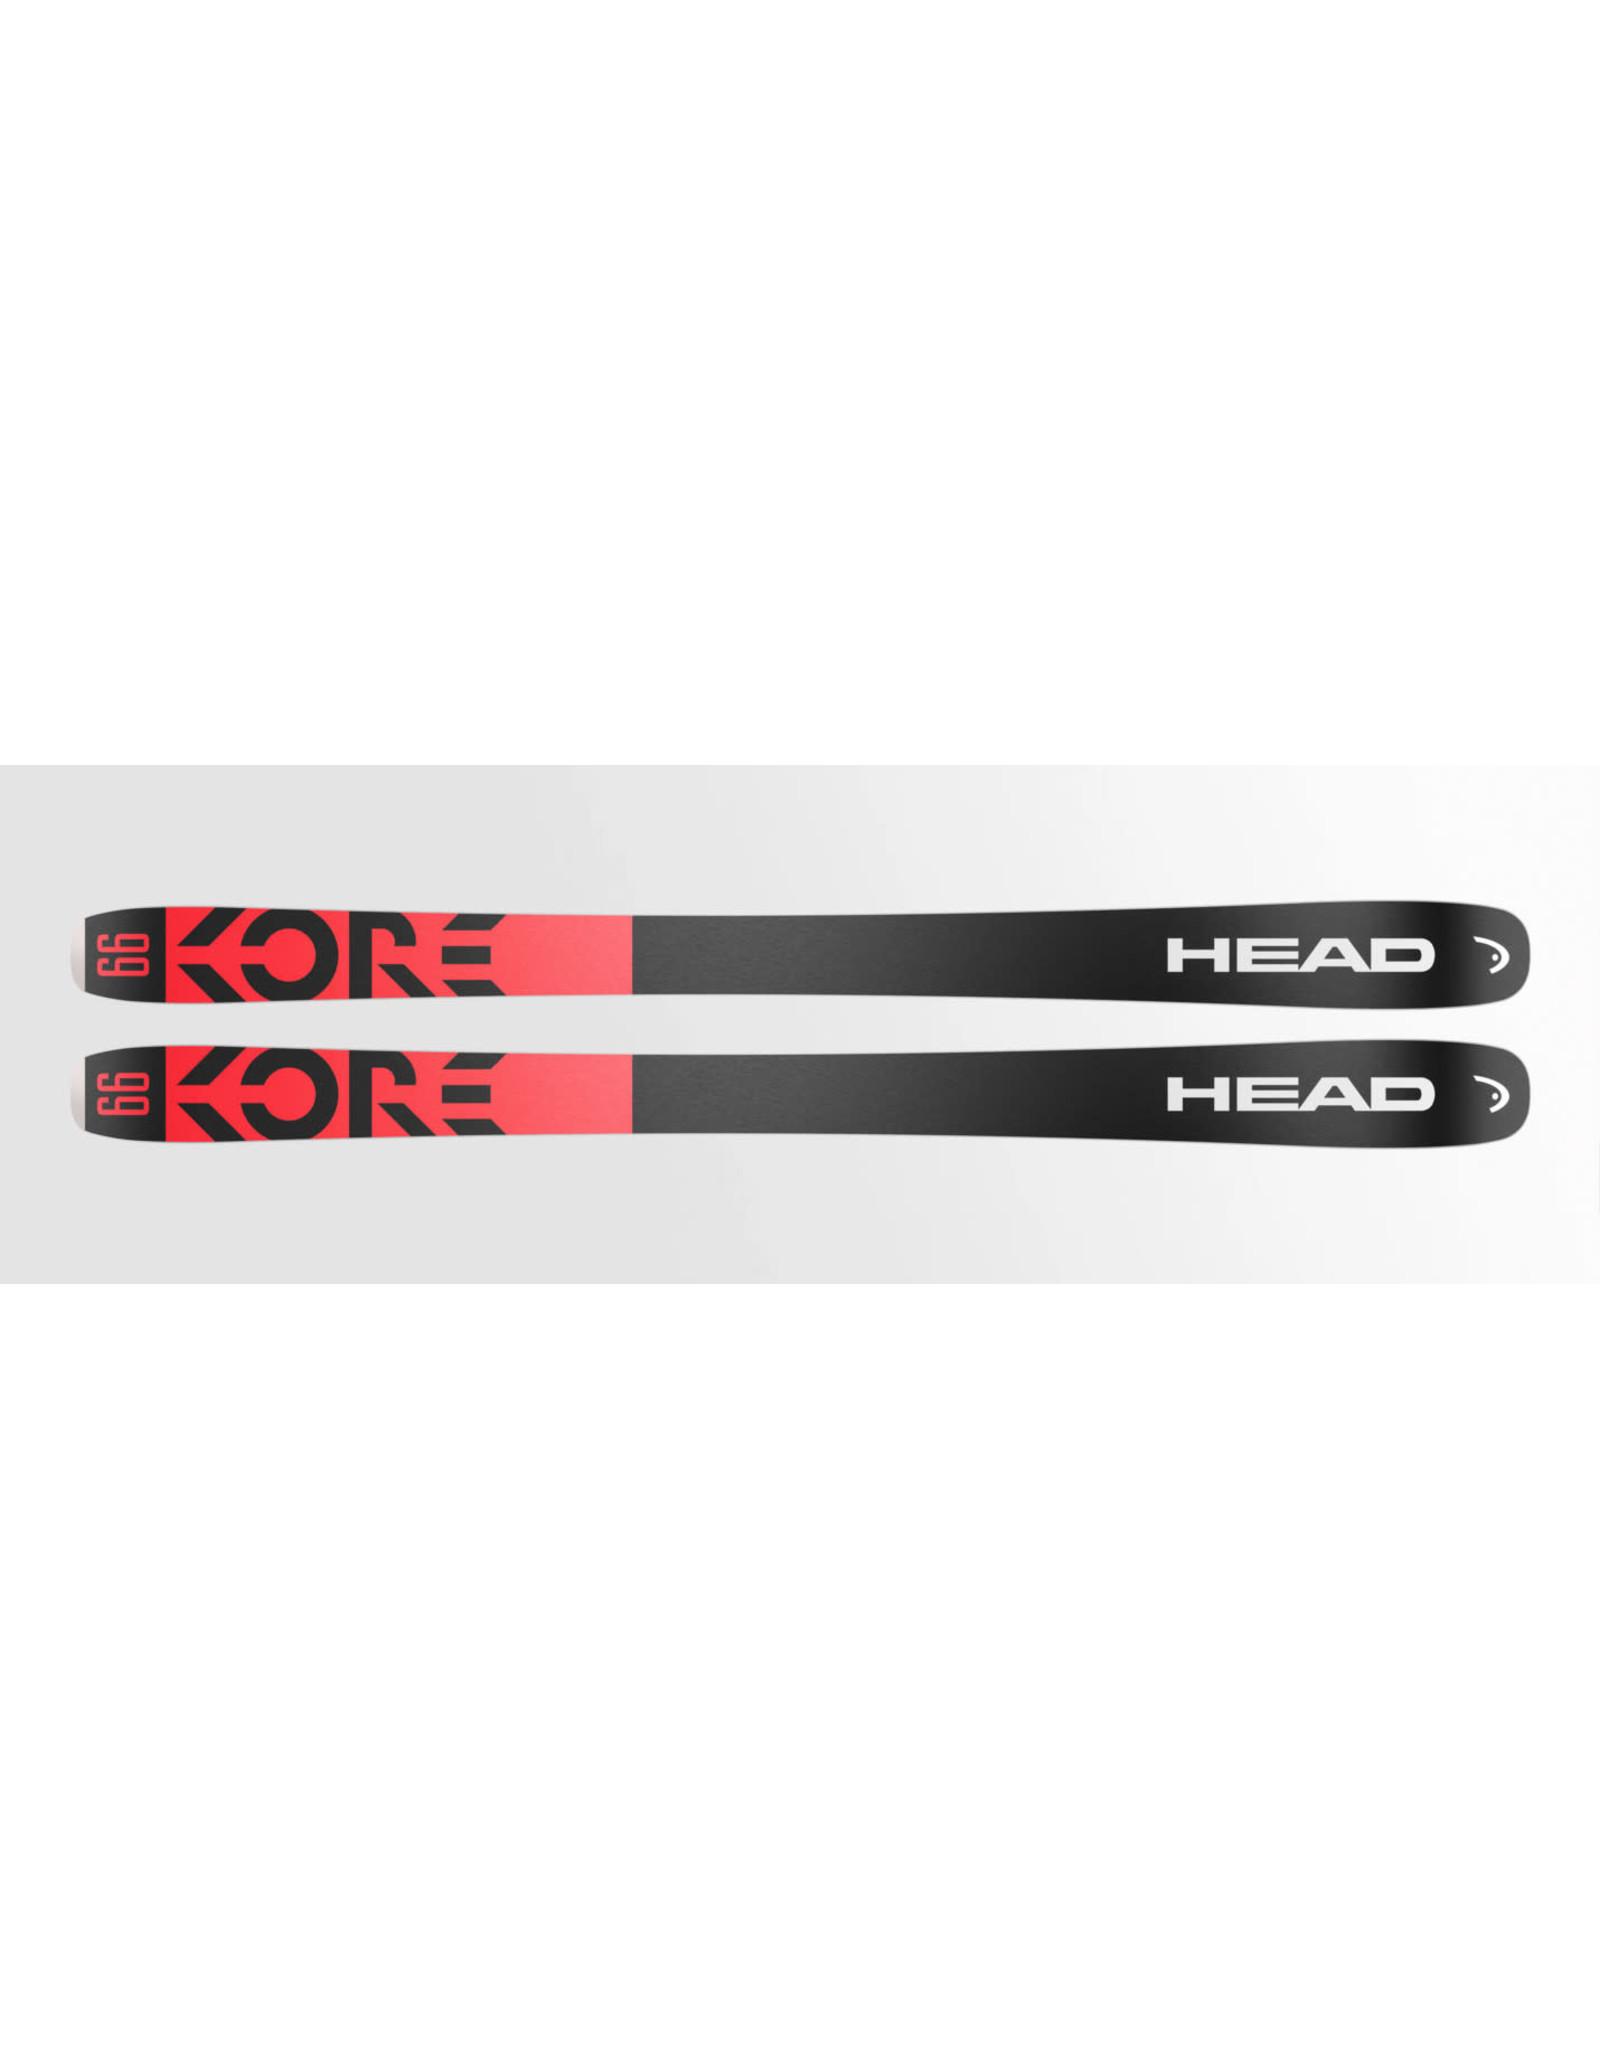 HEAD Kore 99